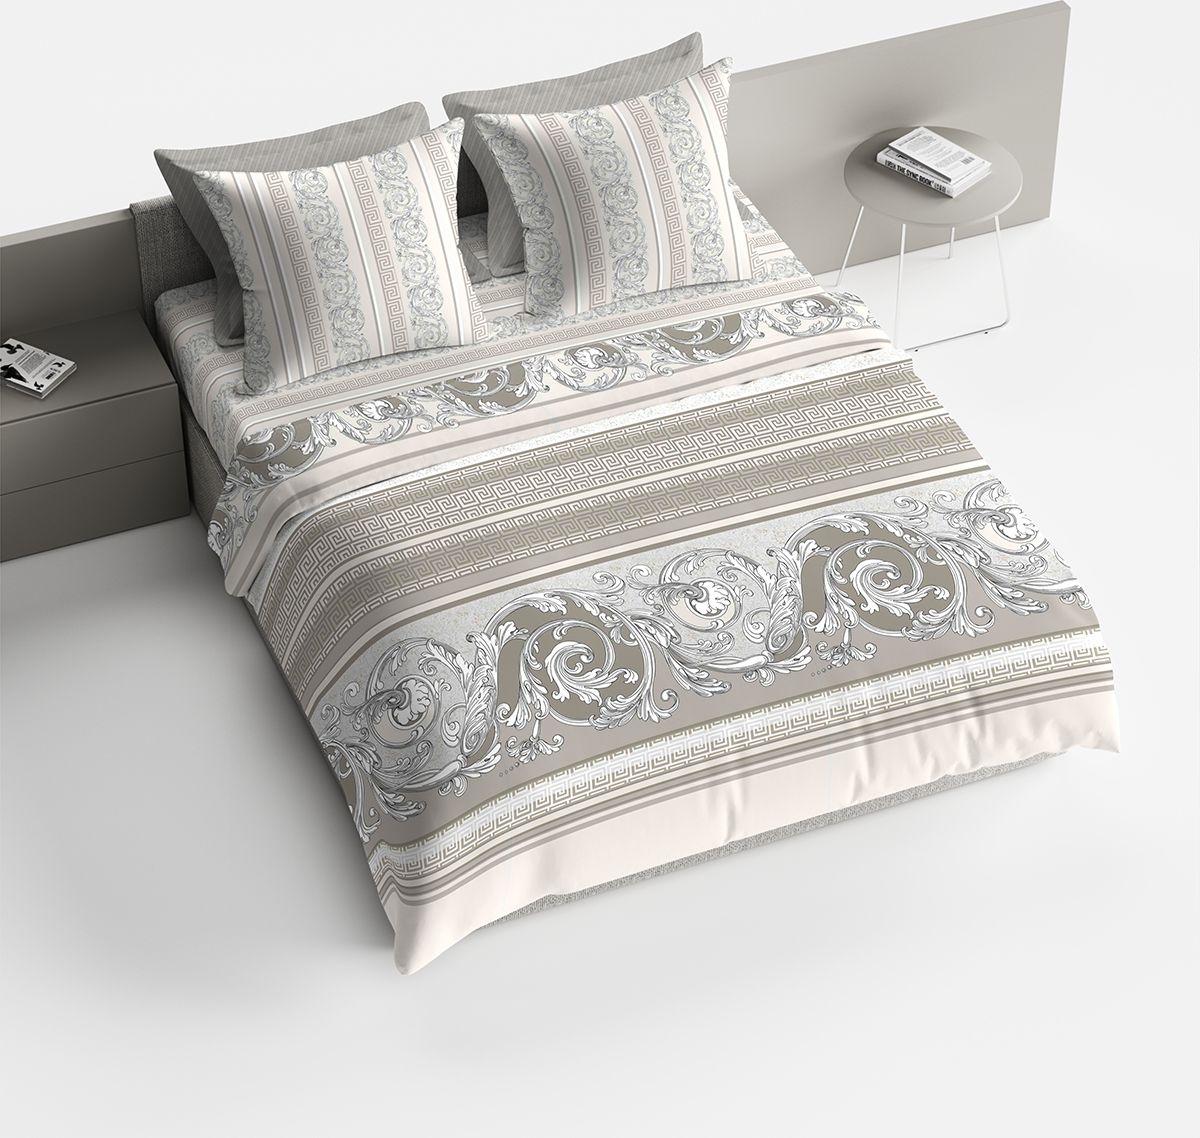 Комплект белья Браво Барокко, евро, наволочки 70x70, цвет: серый90414Комплекты постельного белья из ткани LUX COTTON (высококачественный поплин), сотканной из длинноволокнистого египетского хлопка, созданы специально для людей с оригинальным вкусом, предпочитающим современные решения в интерьере. Обновленная стильная упаковка делает этот комплект отличным подарком. • Равноплотная ткань из 100% хлопка; • Обработана по технологии мерсеризации и санфоризации; • Мягкая и нежная на ощупь; • Устойчива к трению; • Обладает высокими показателями гигроскопичности (впитывает влагу); • Выдерживает частые стирки, сохраняя первоначальные цвет, форму и размеры; • Безопасные красители ведущего немецкого производителя BEZEMA